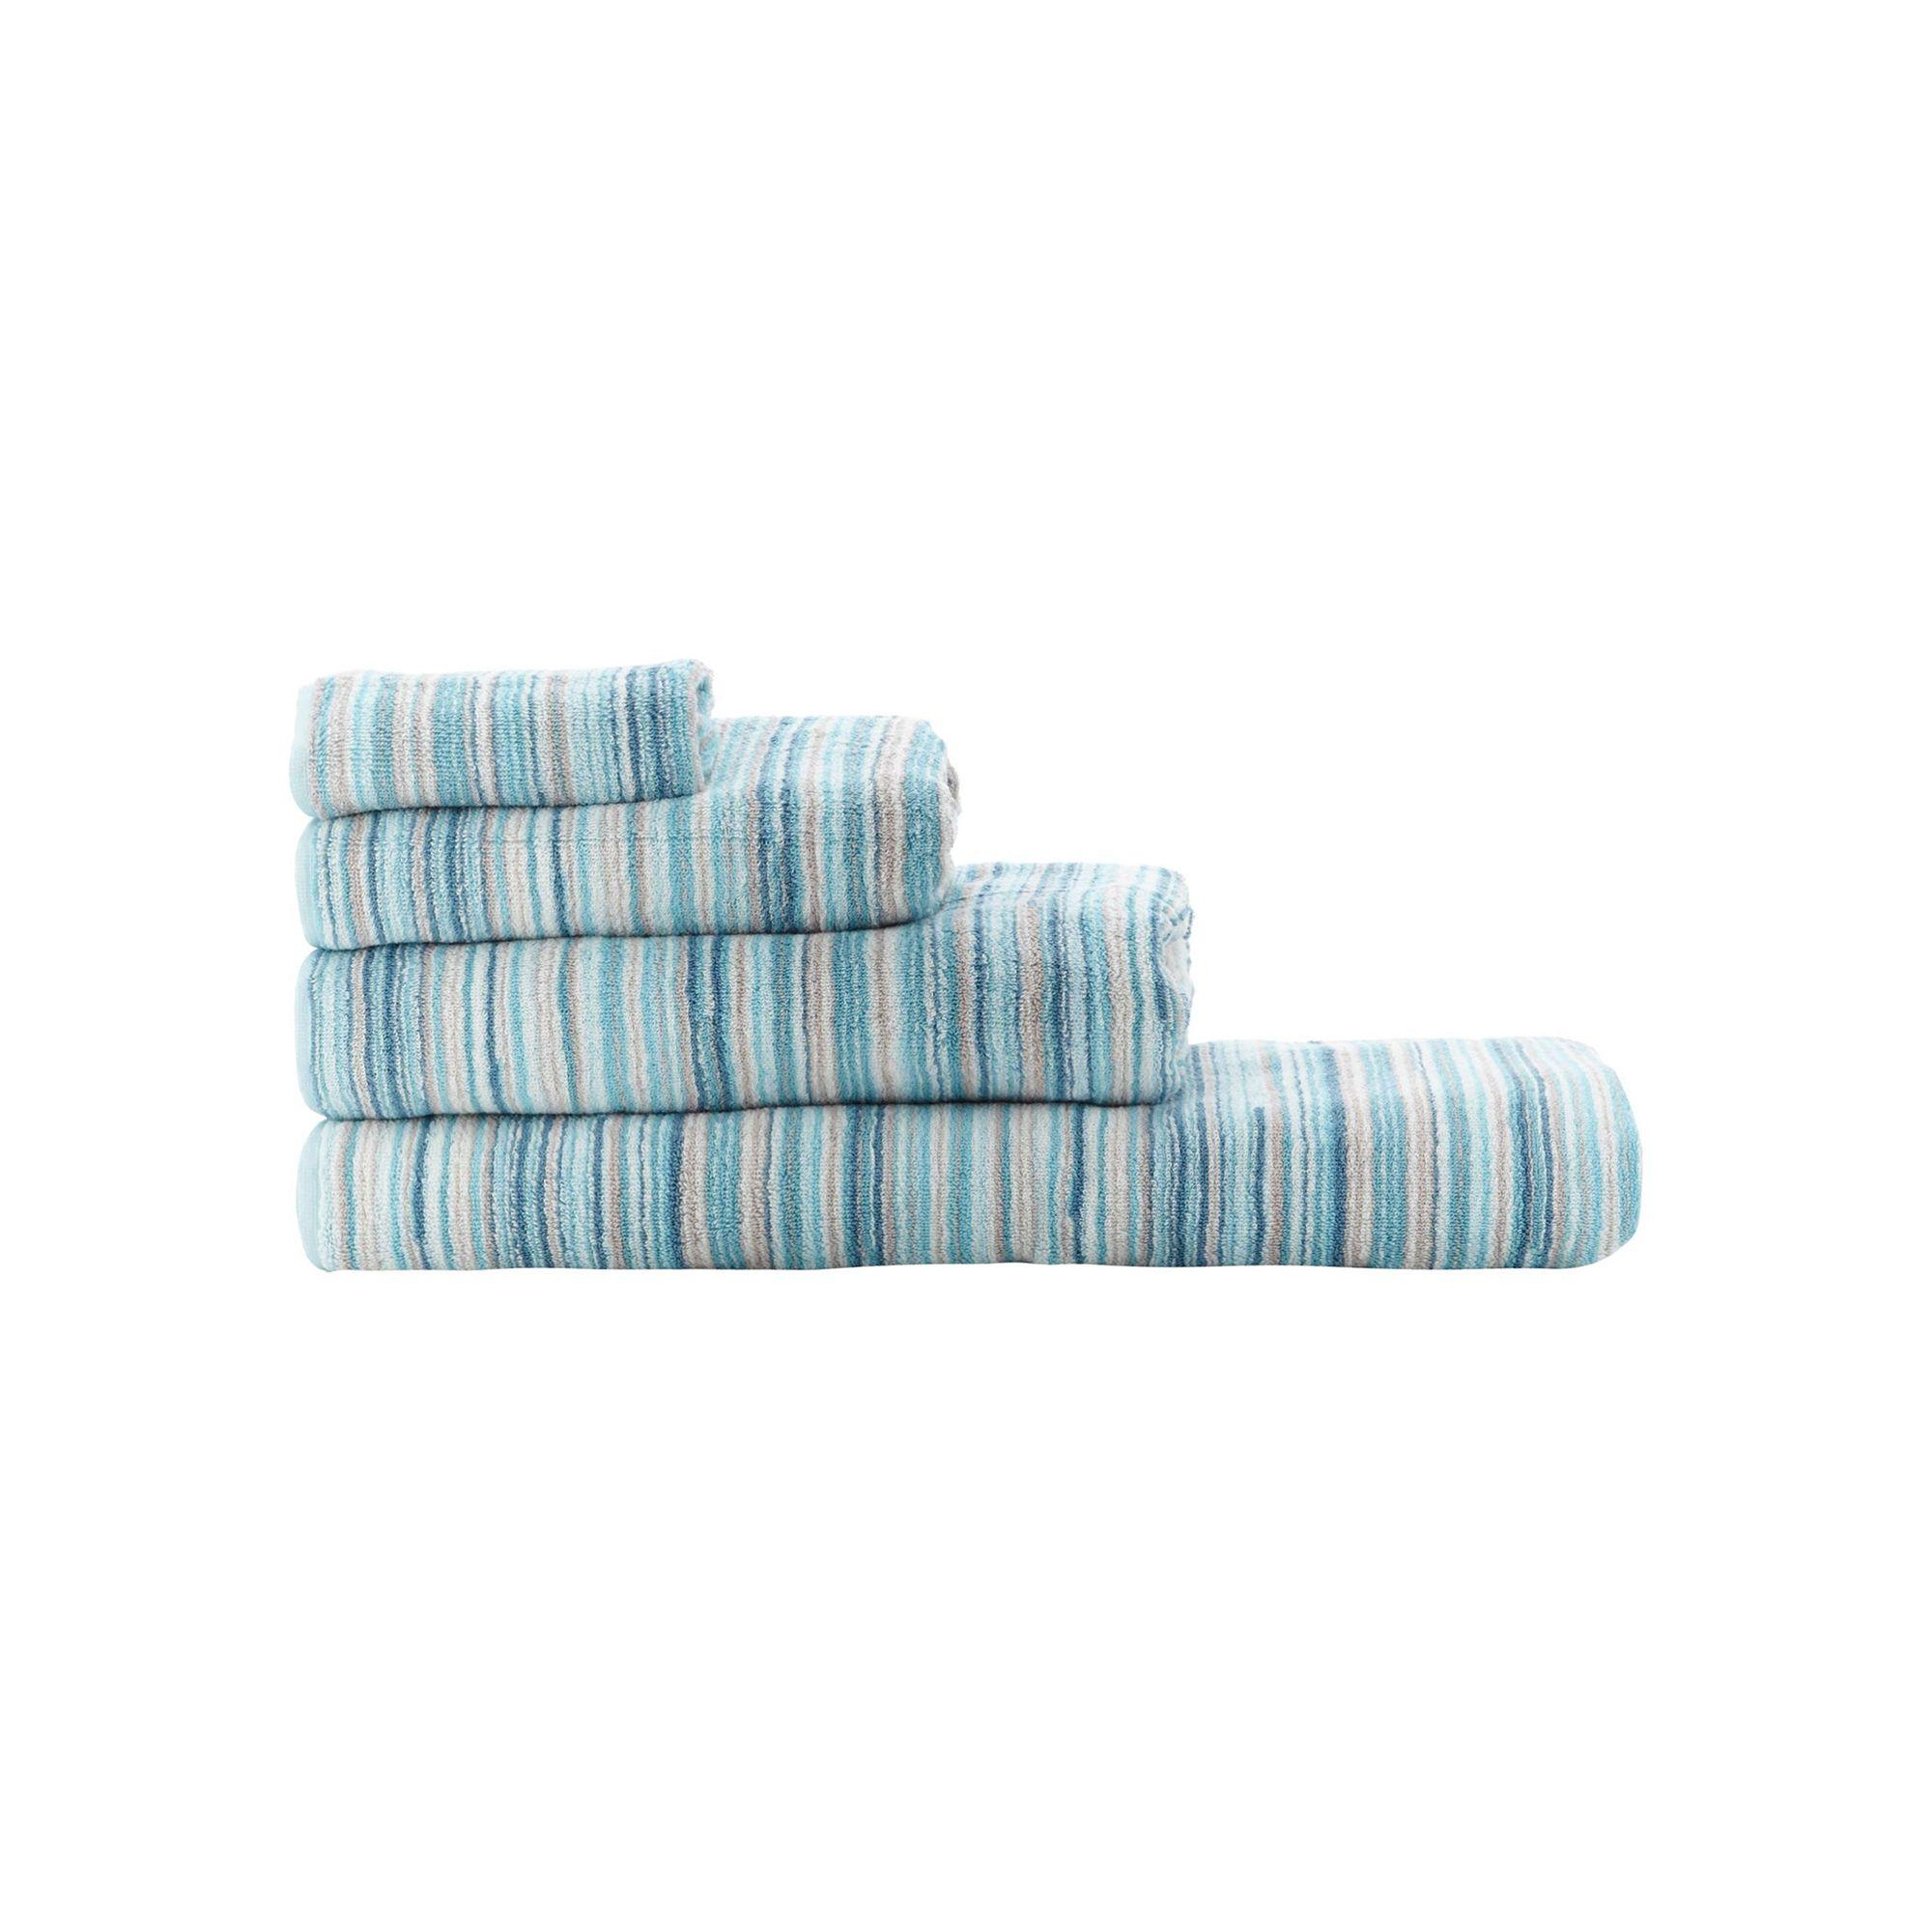 Shower Towel Broke: Ben De Lisi Home Blue 'Broken Stripe' Towels From